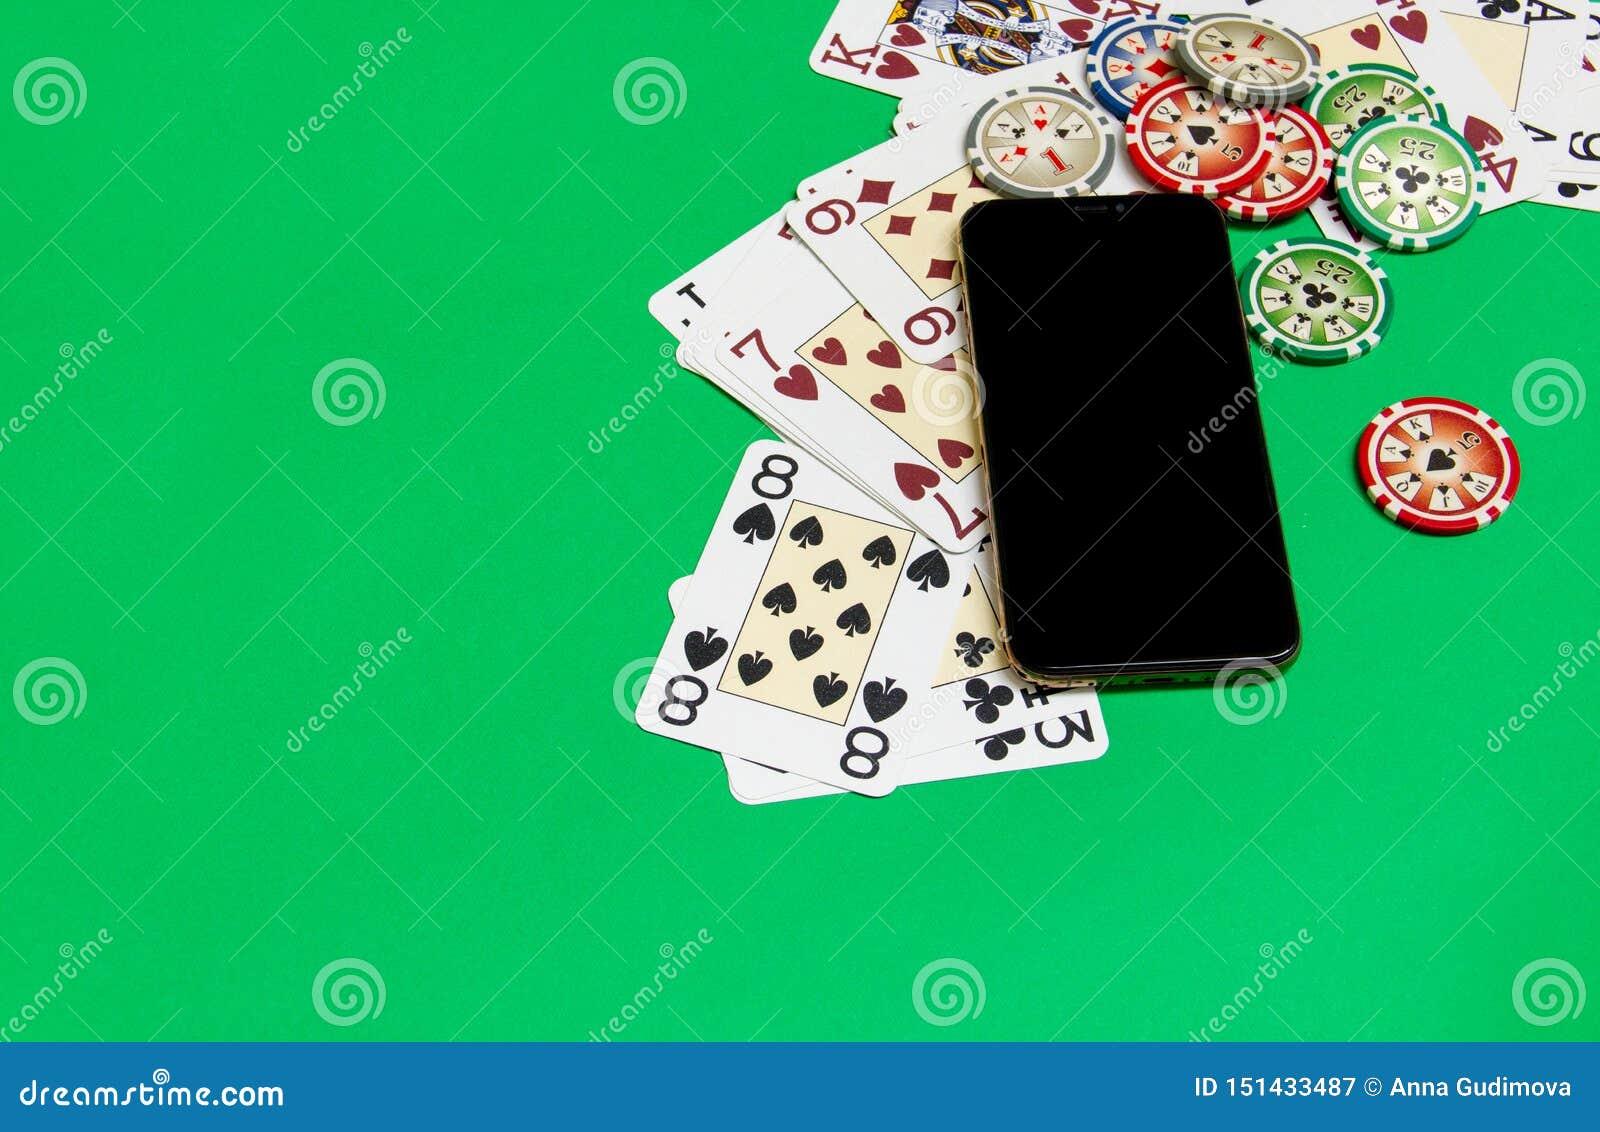 покер клуб онлайн мобильный